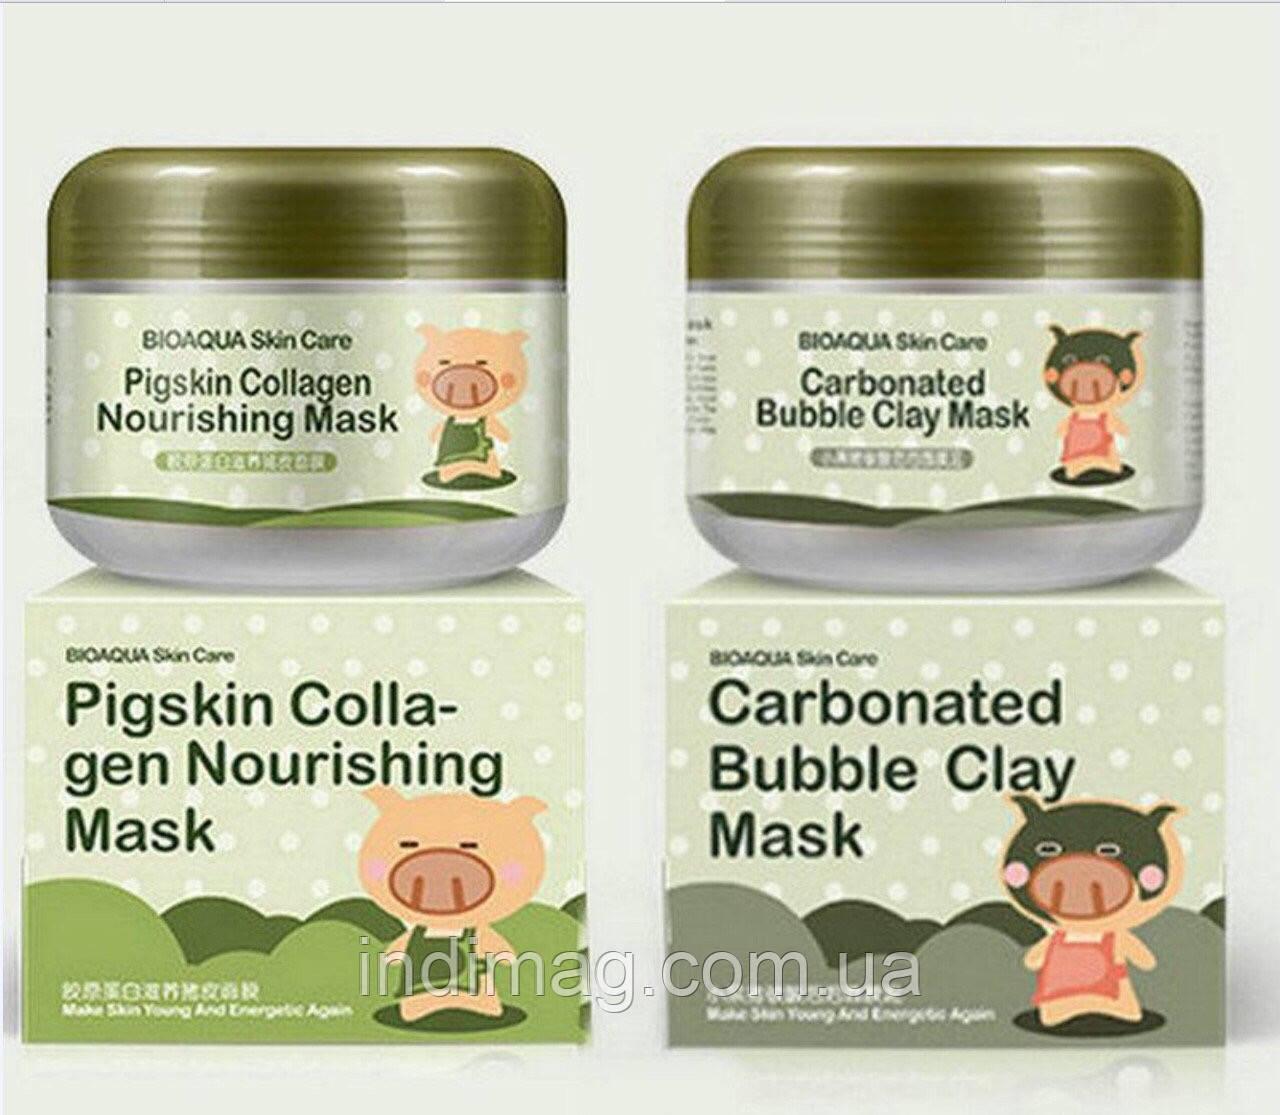 Набор: Очищающая кислородная (карбонатная) маска Bioaqua Carbonated + Питательная коллагеновая